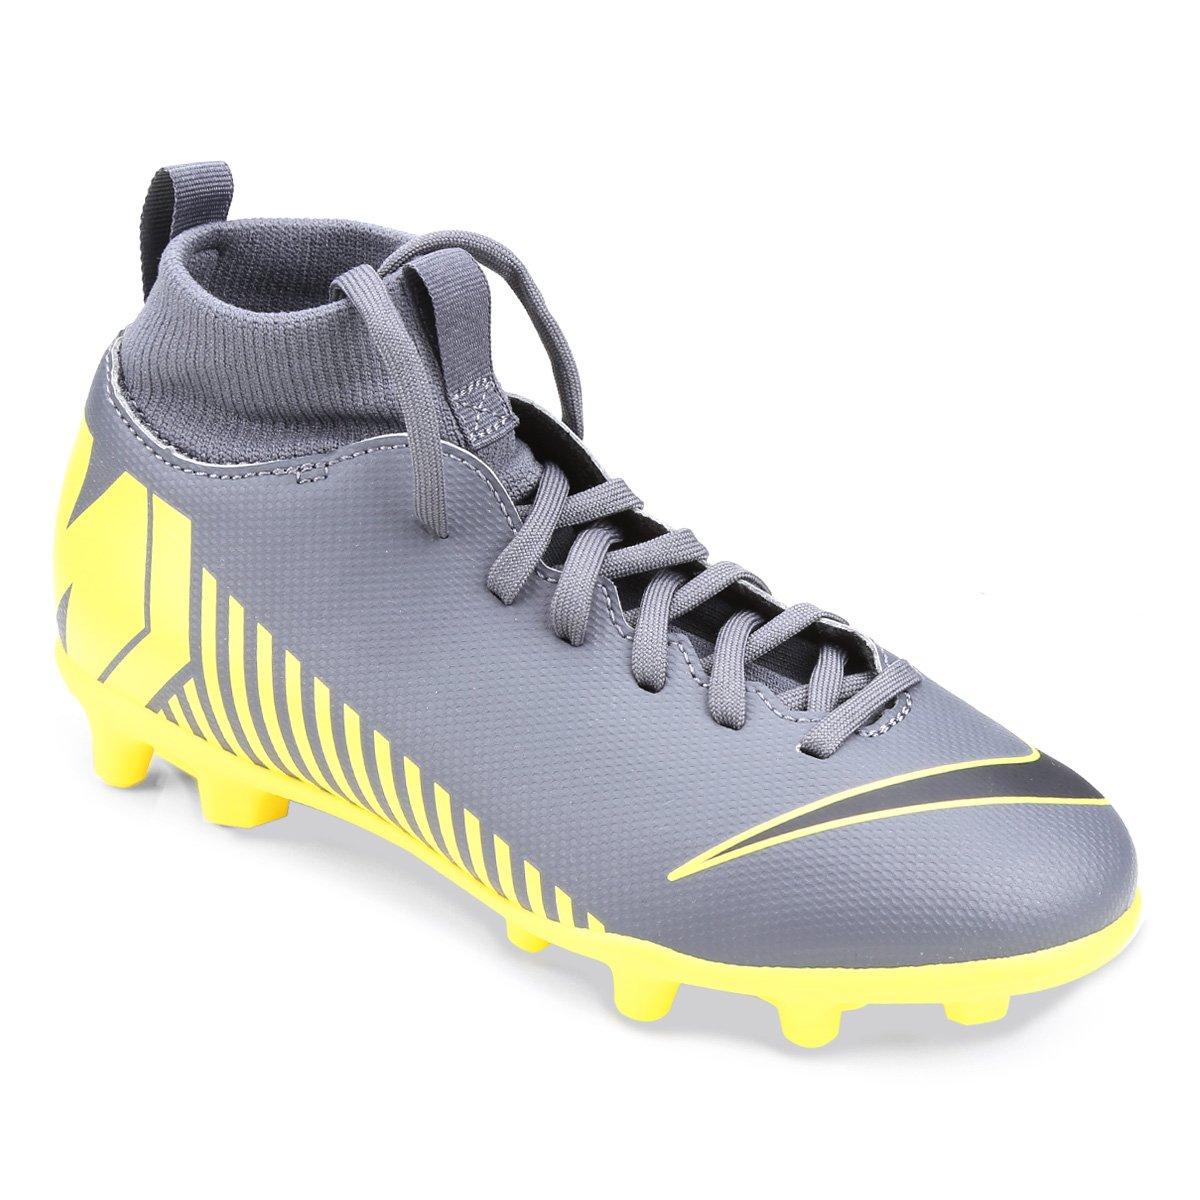 a7762e61e9196 Chuteira Campo Infantil Nike Mercurial Superfly 6 Club FG - Cinza e Amarelo  | Loja do Inter